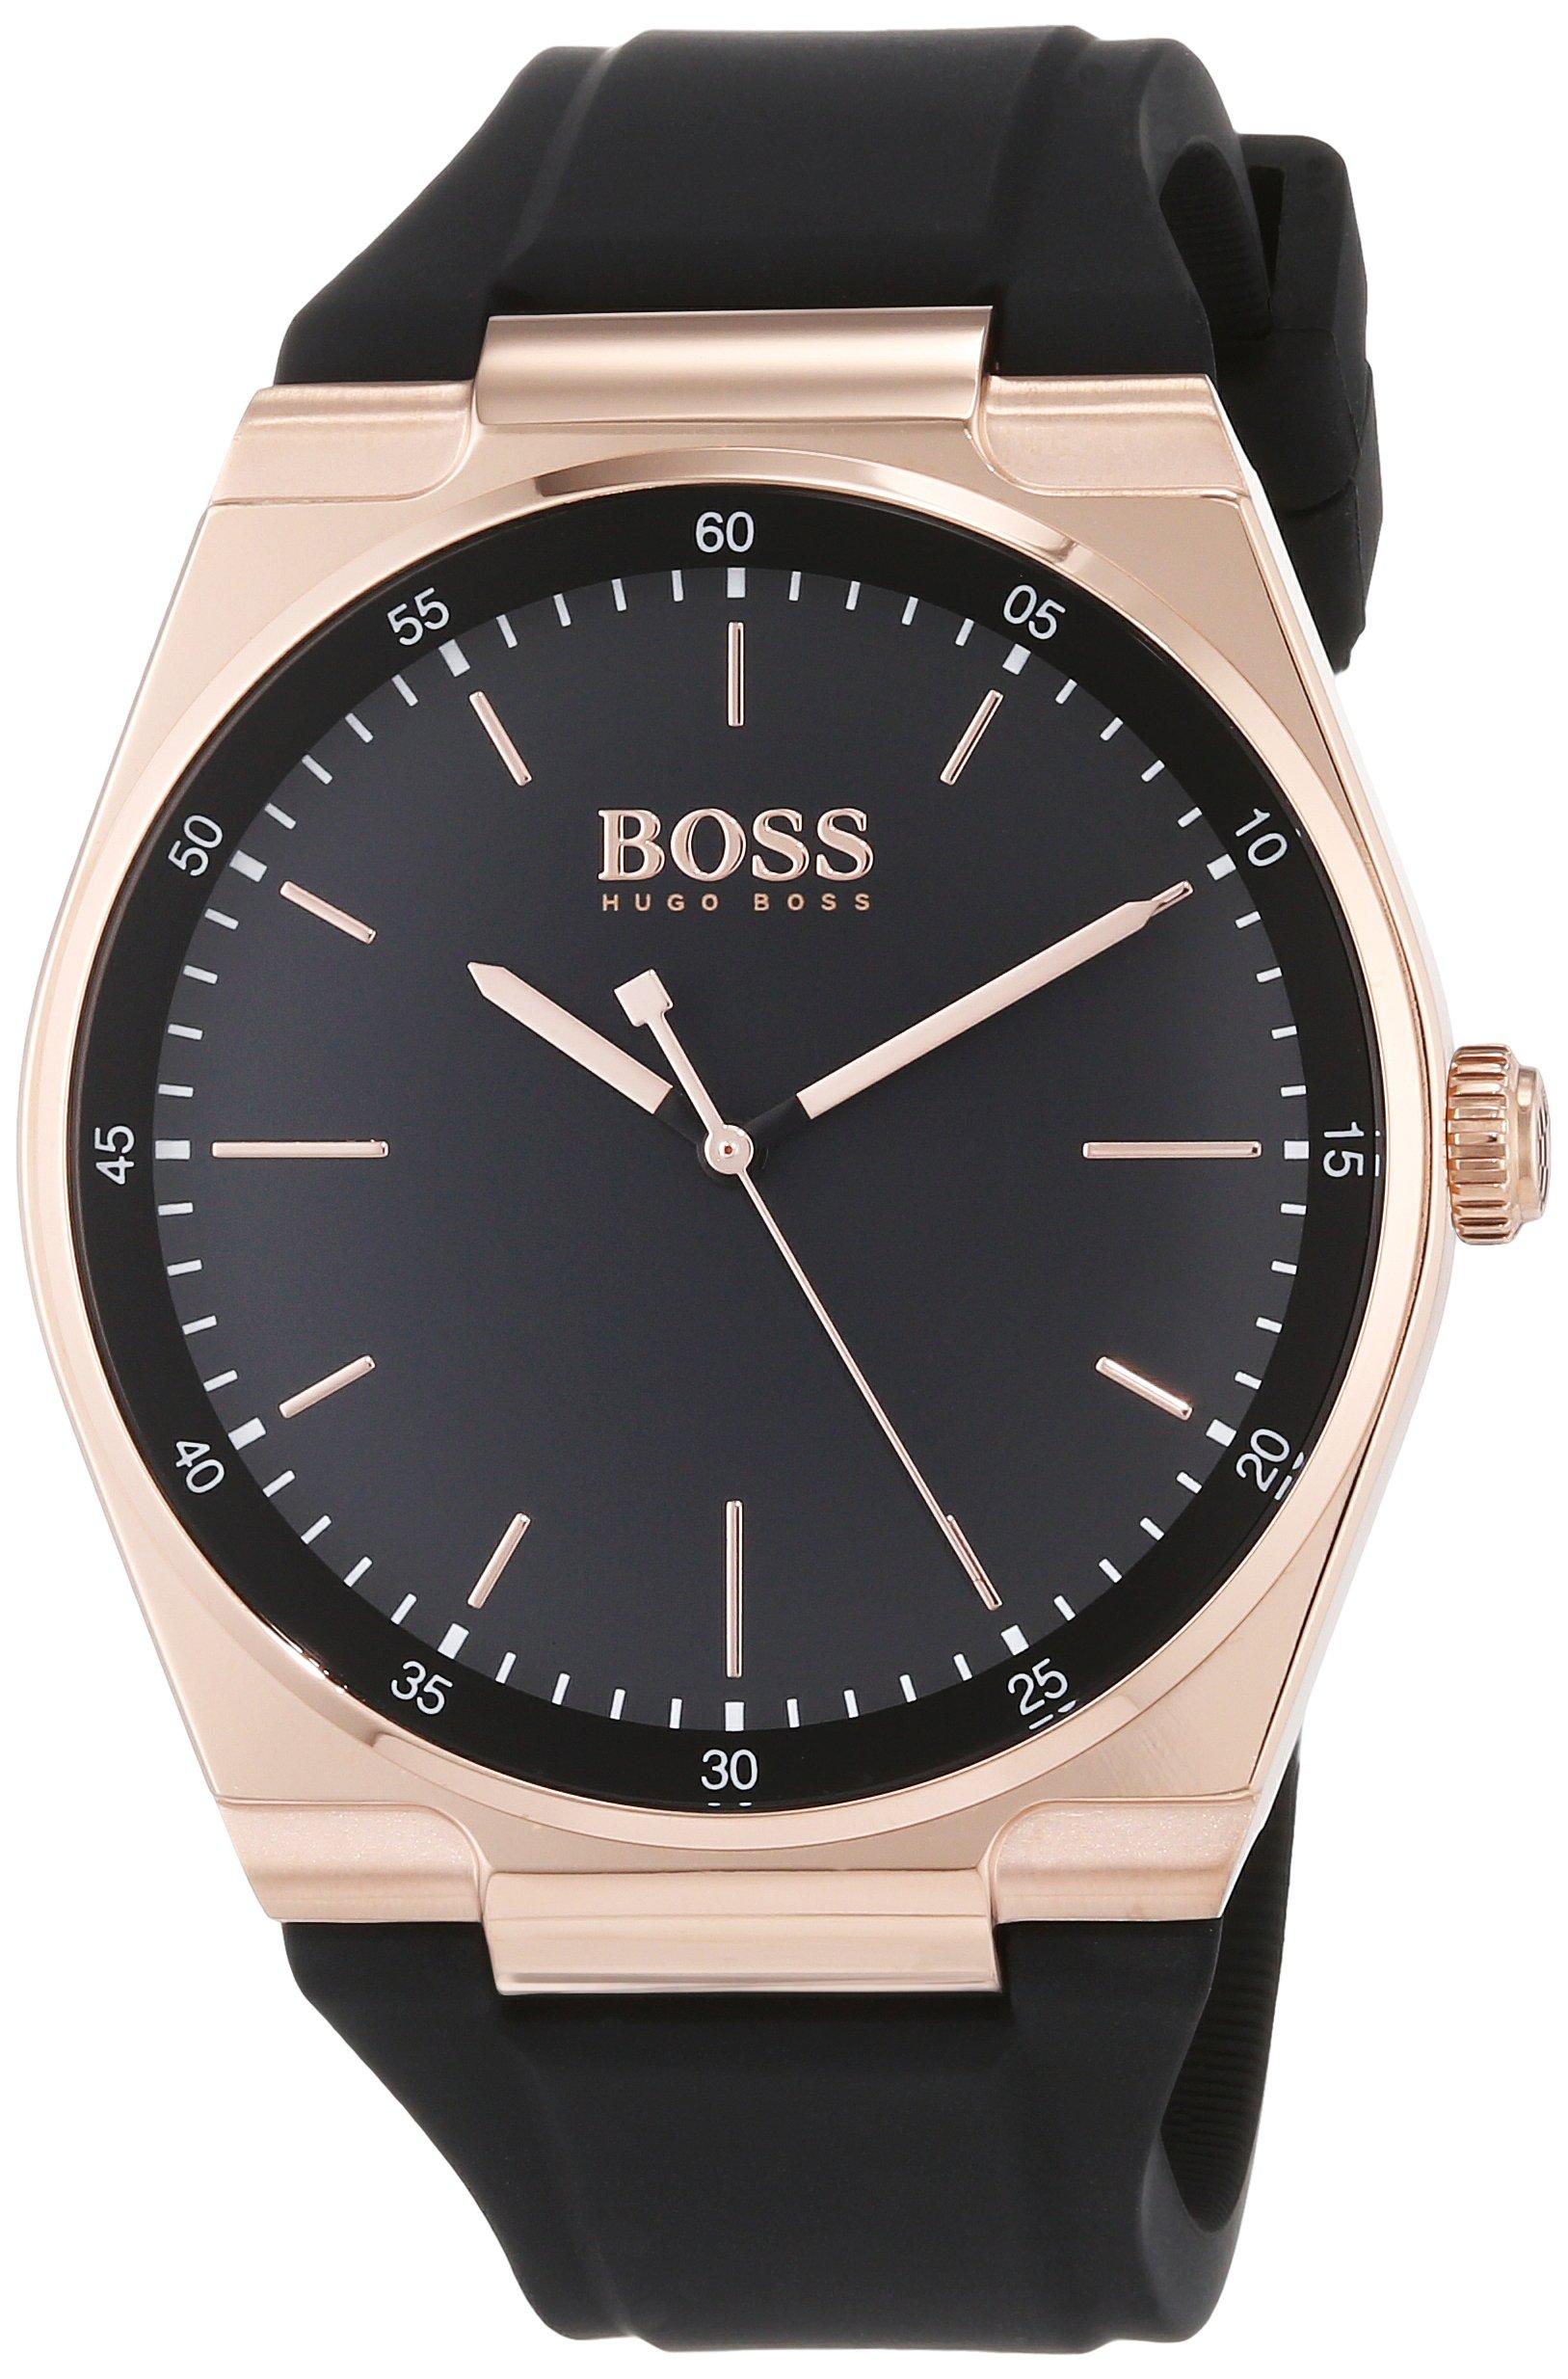 Hugo BOSS Reloj Analógico para Hombre de Cuarzo con Correa en Silicona 1513566